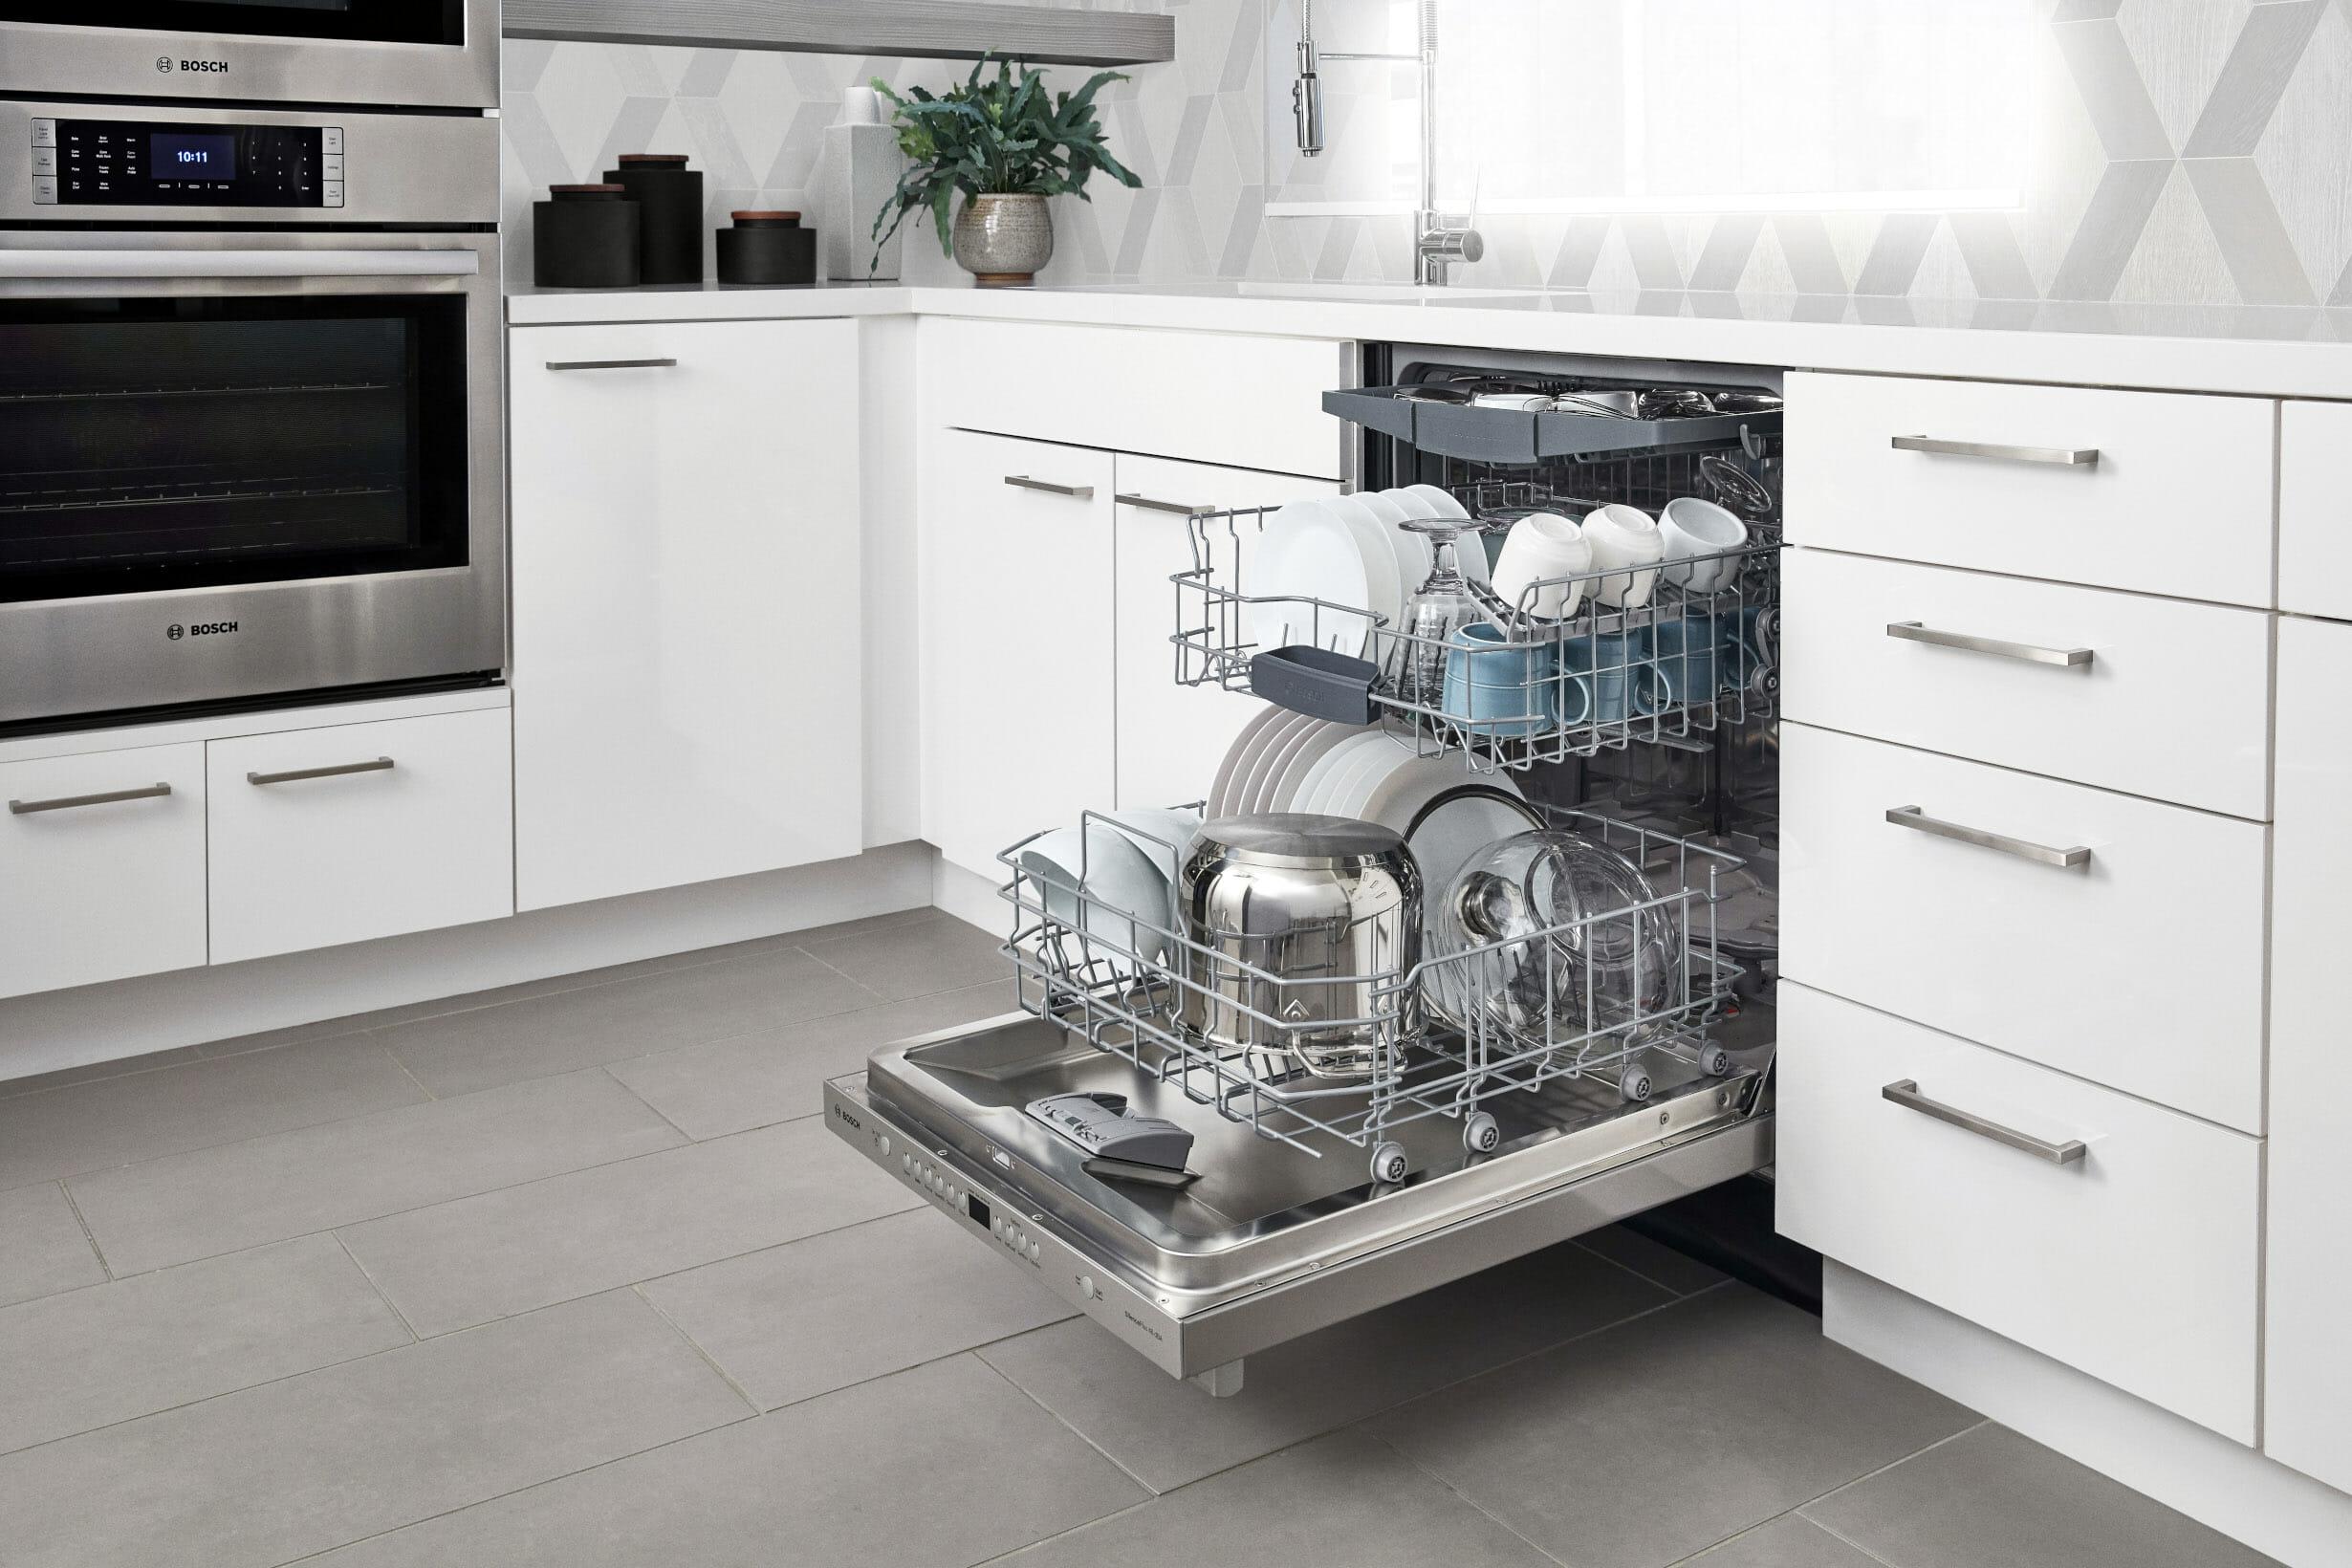 Узкая встроенная посудомойка